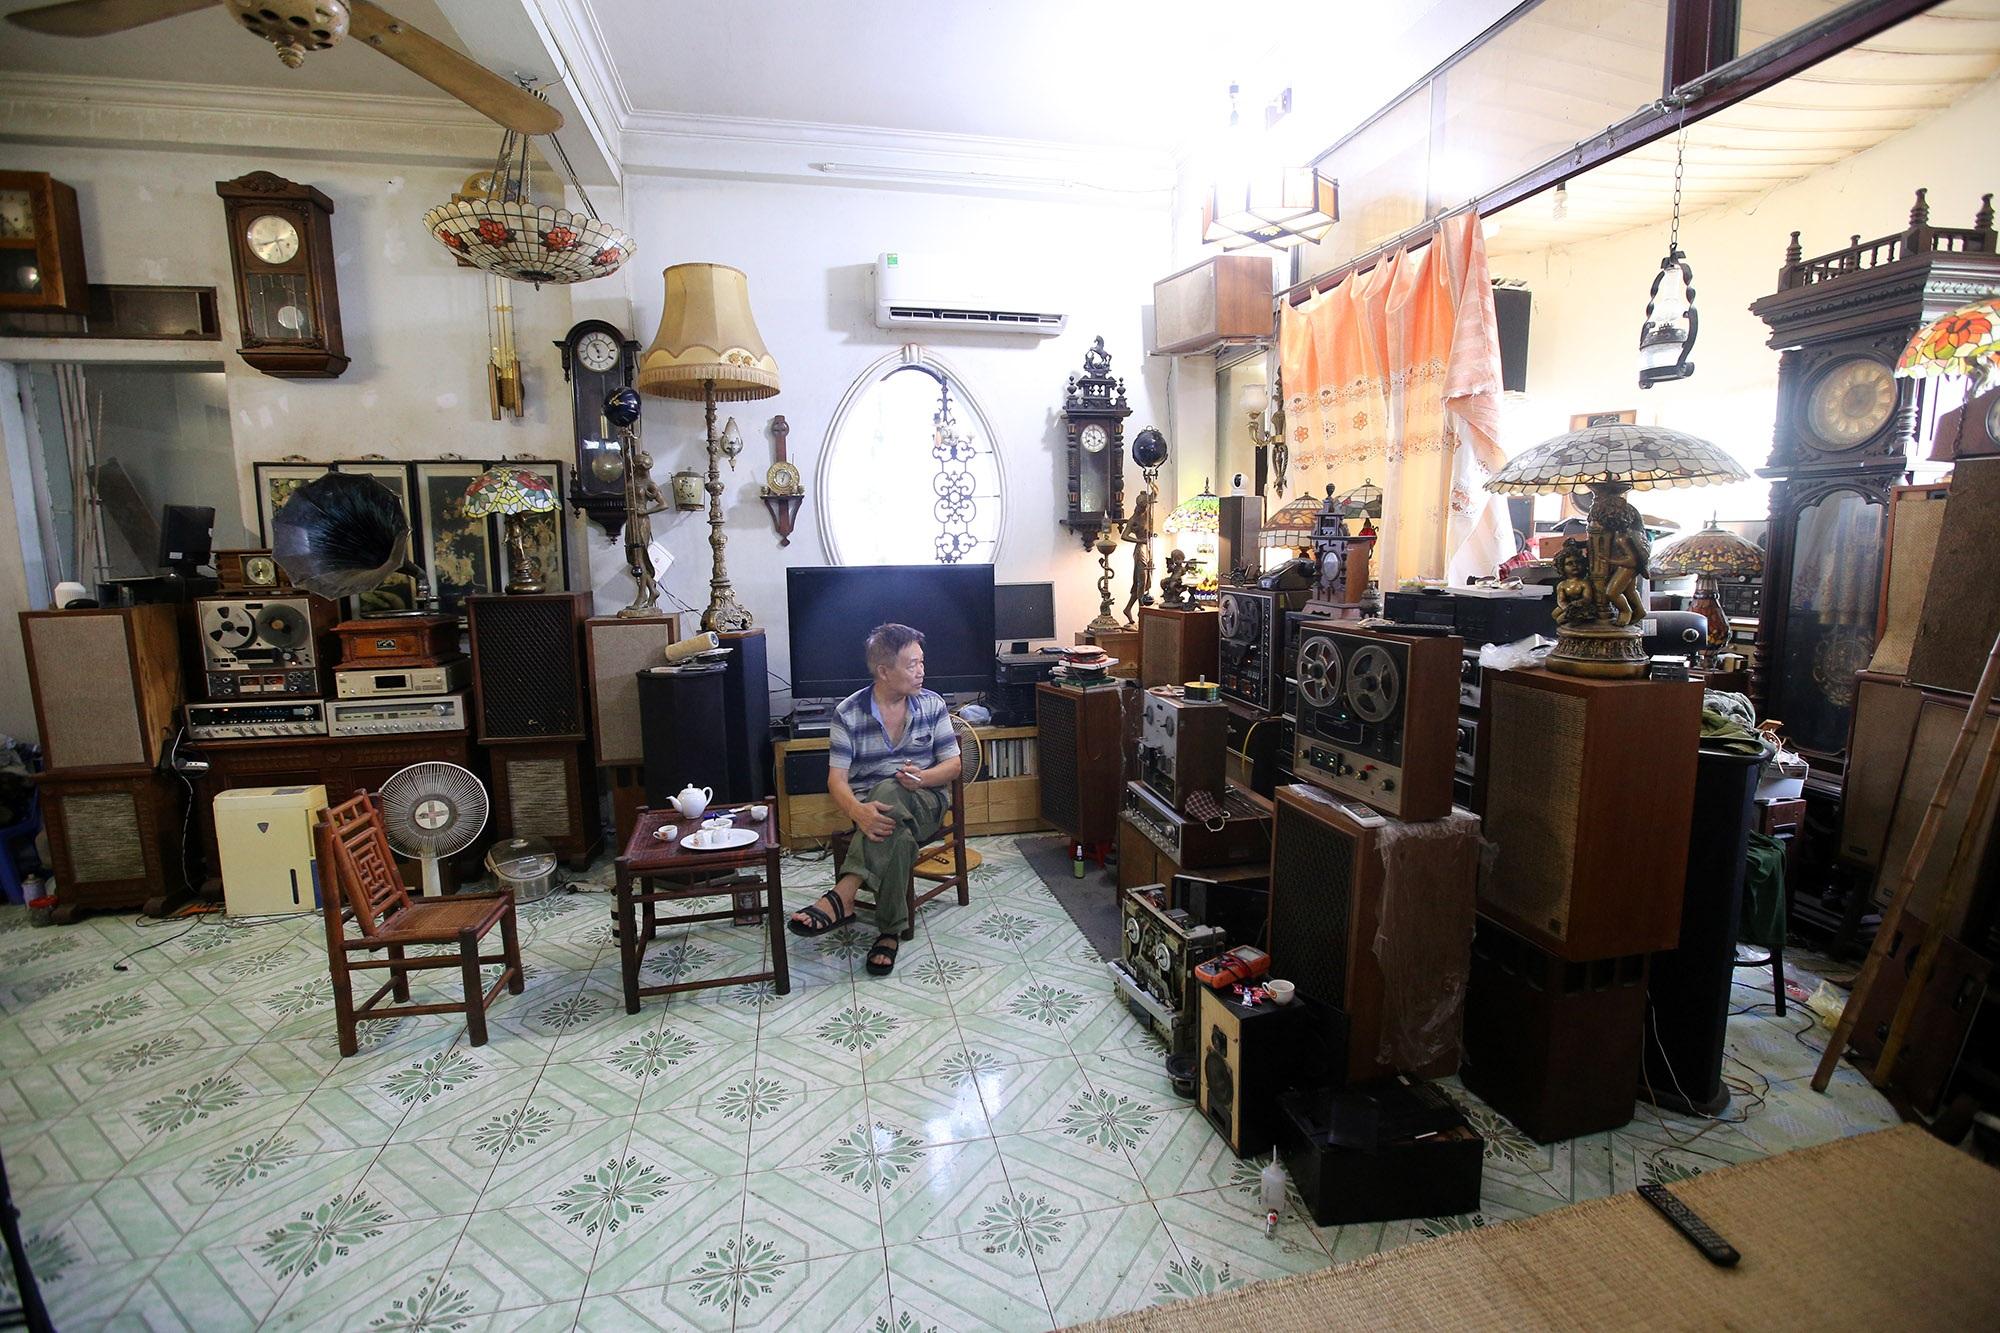 Yêu âm nhạc, sưu tầm thiết bị âm thanh cổ lấp đầy 3 tầng nhà  - 1